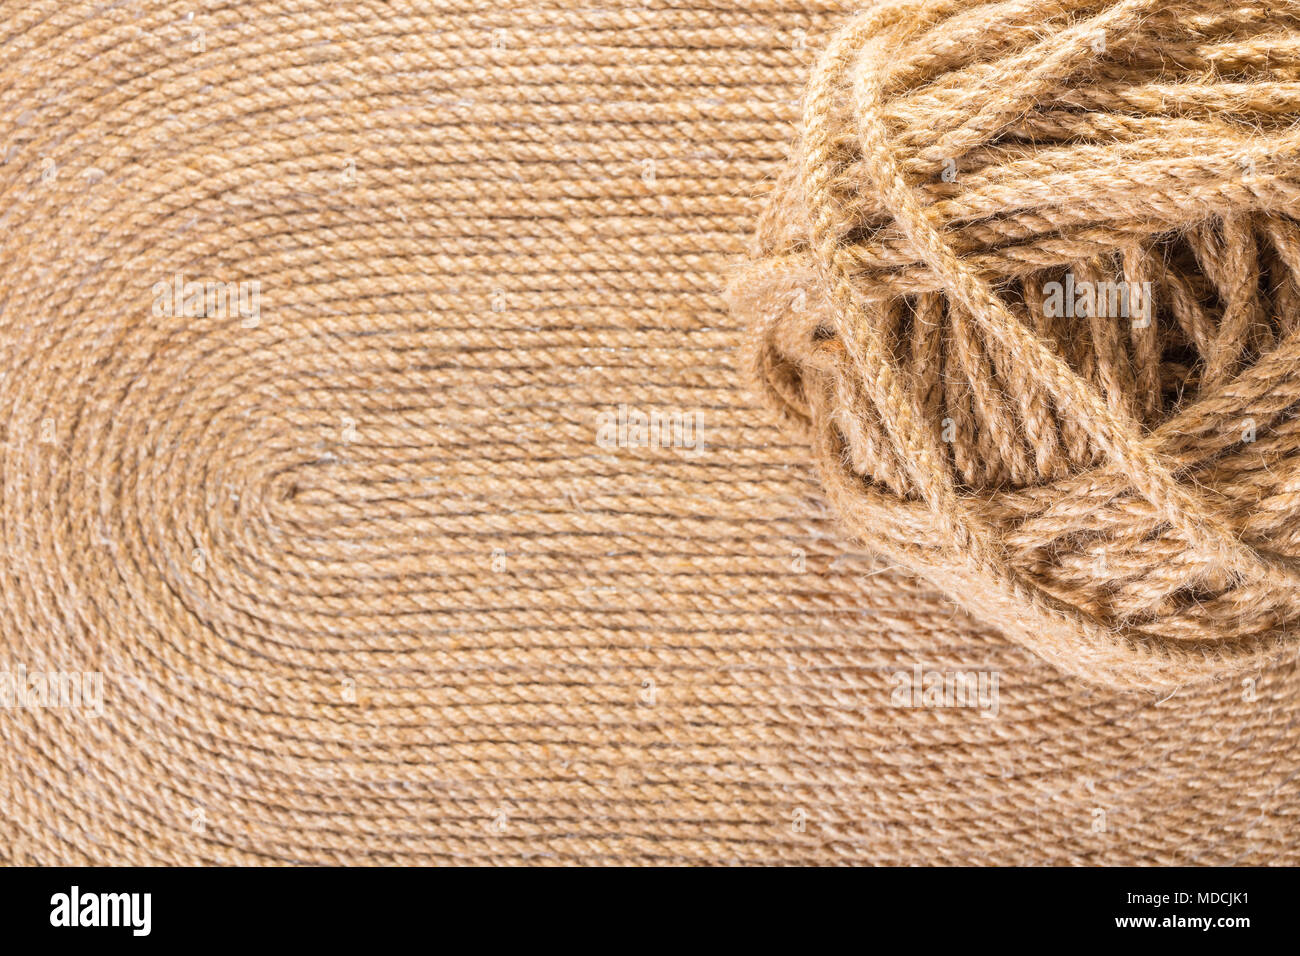 Groviglio di corda di close-up sulla tessitura dei tappeti fatti a ...